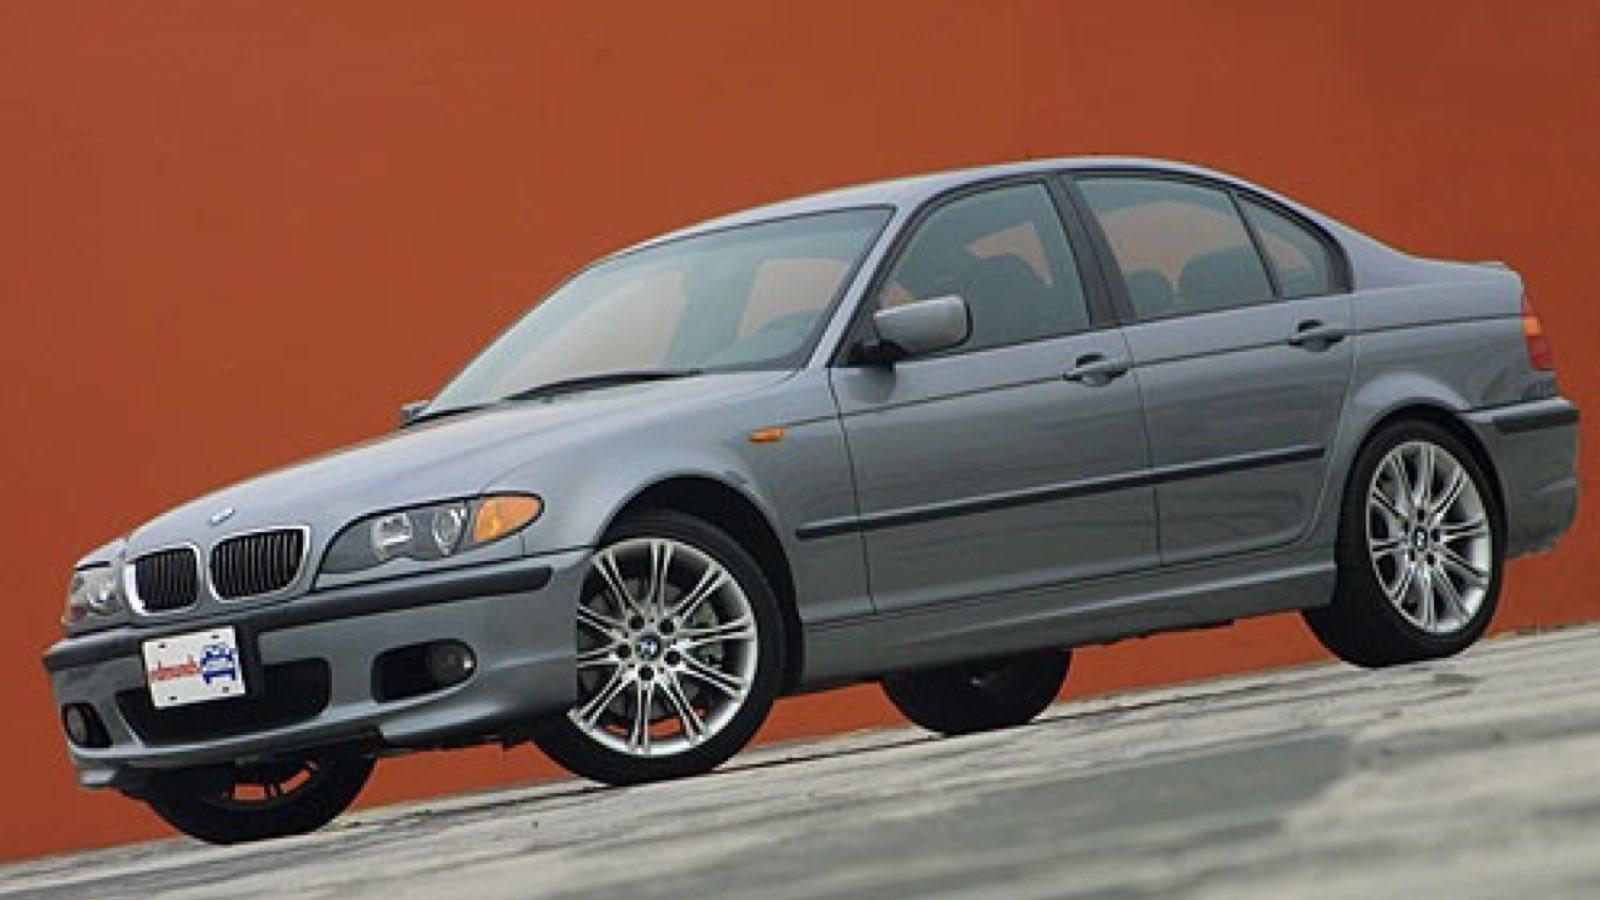 04-BMW-330i-4-door-001